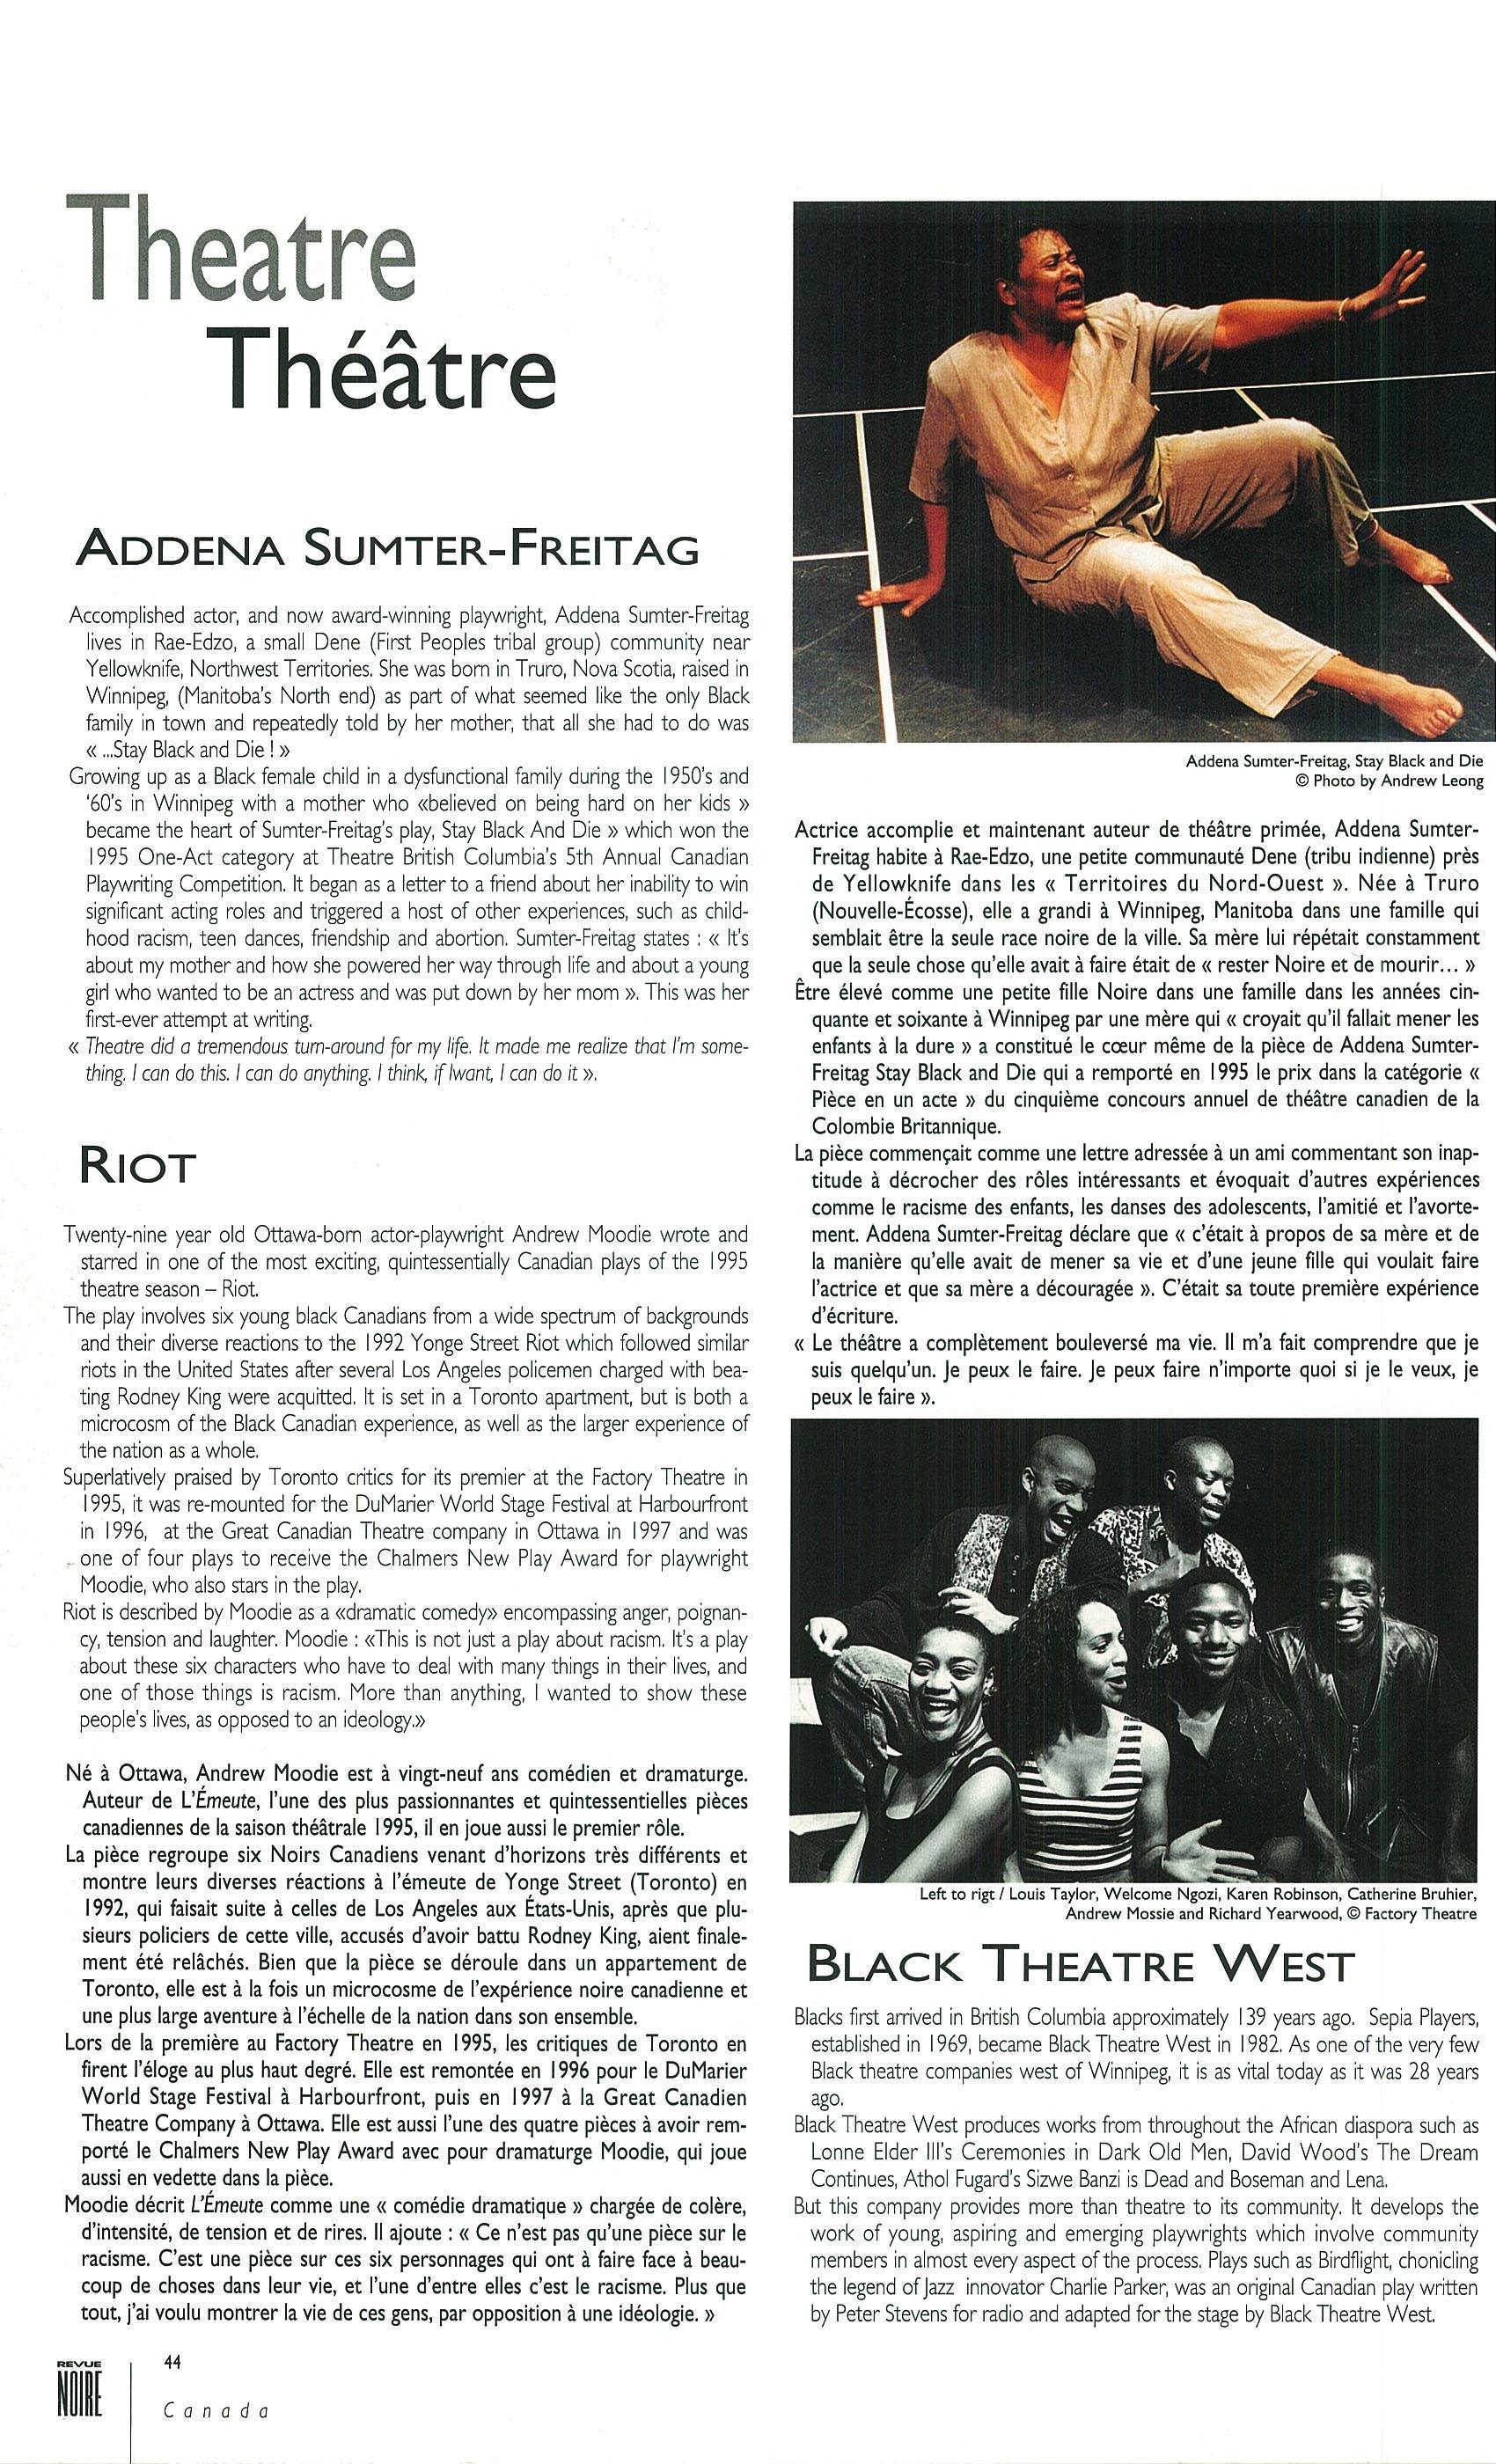 2. Revue Noire book_Page_046